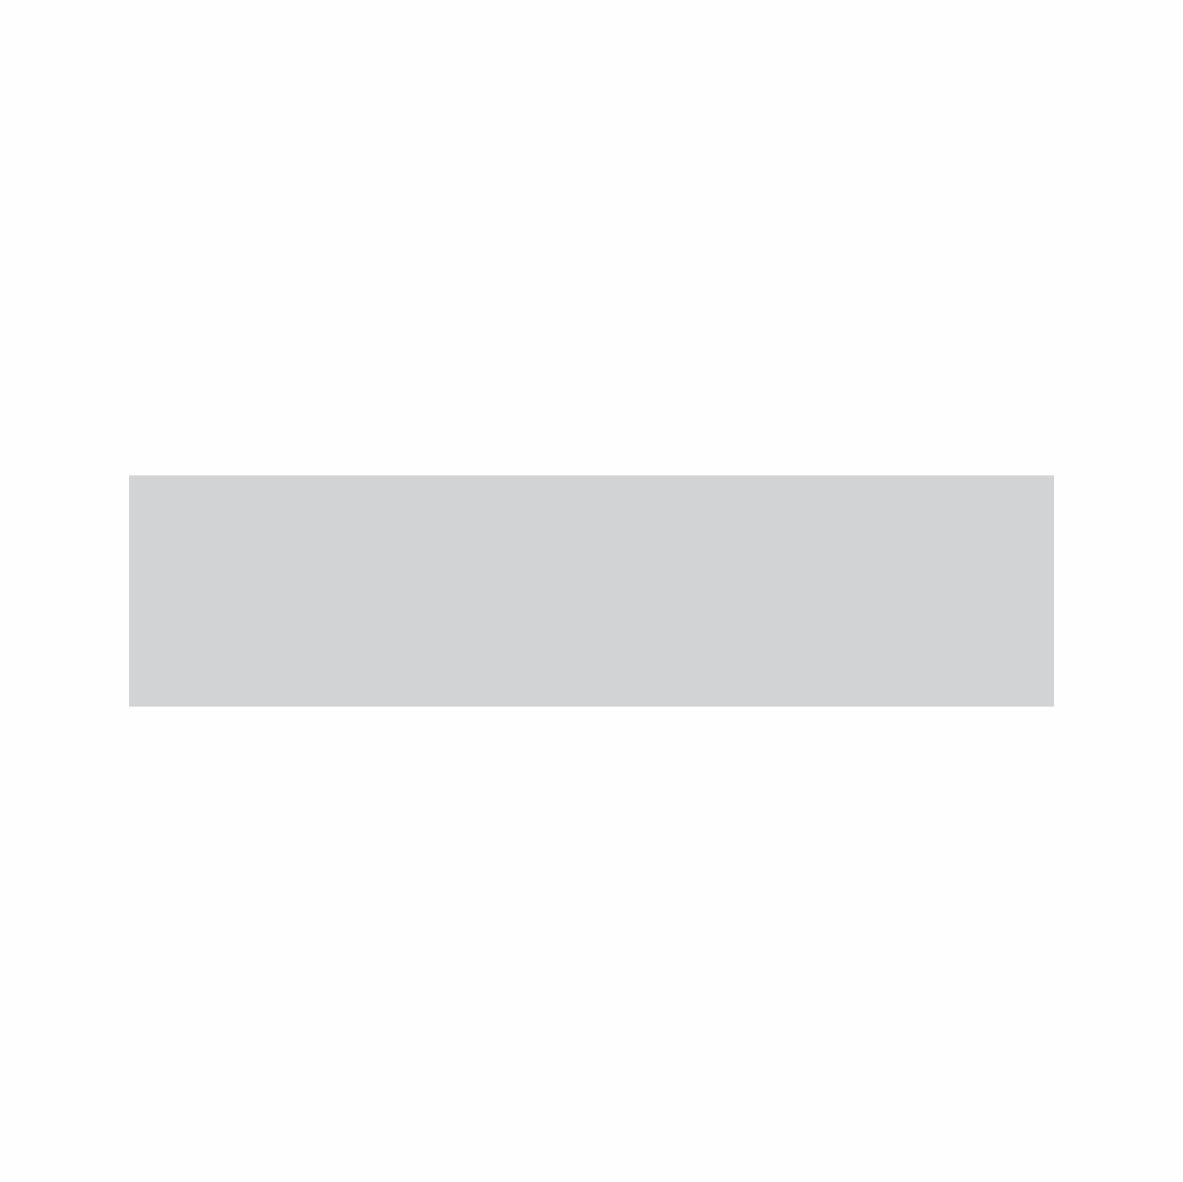 Cinza claro  - Towbar Sinalização de Segurança